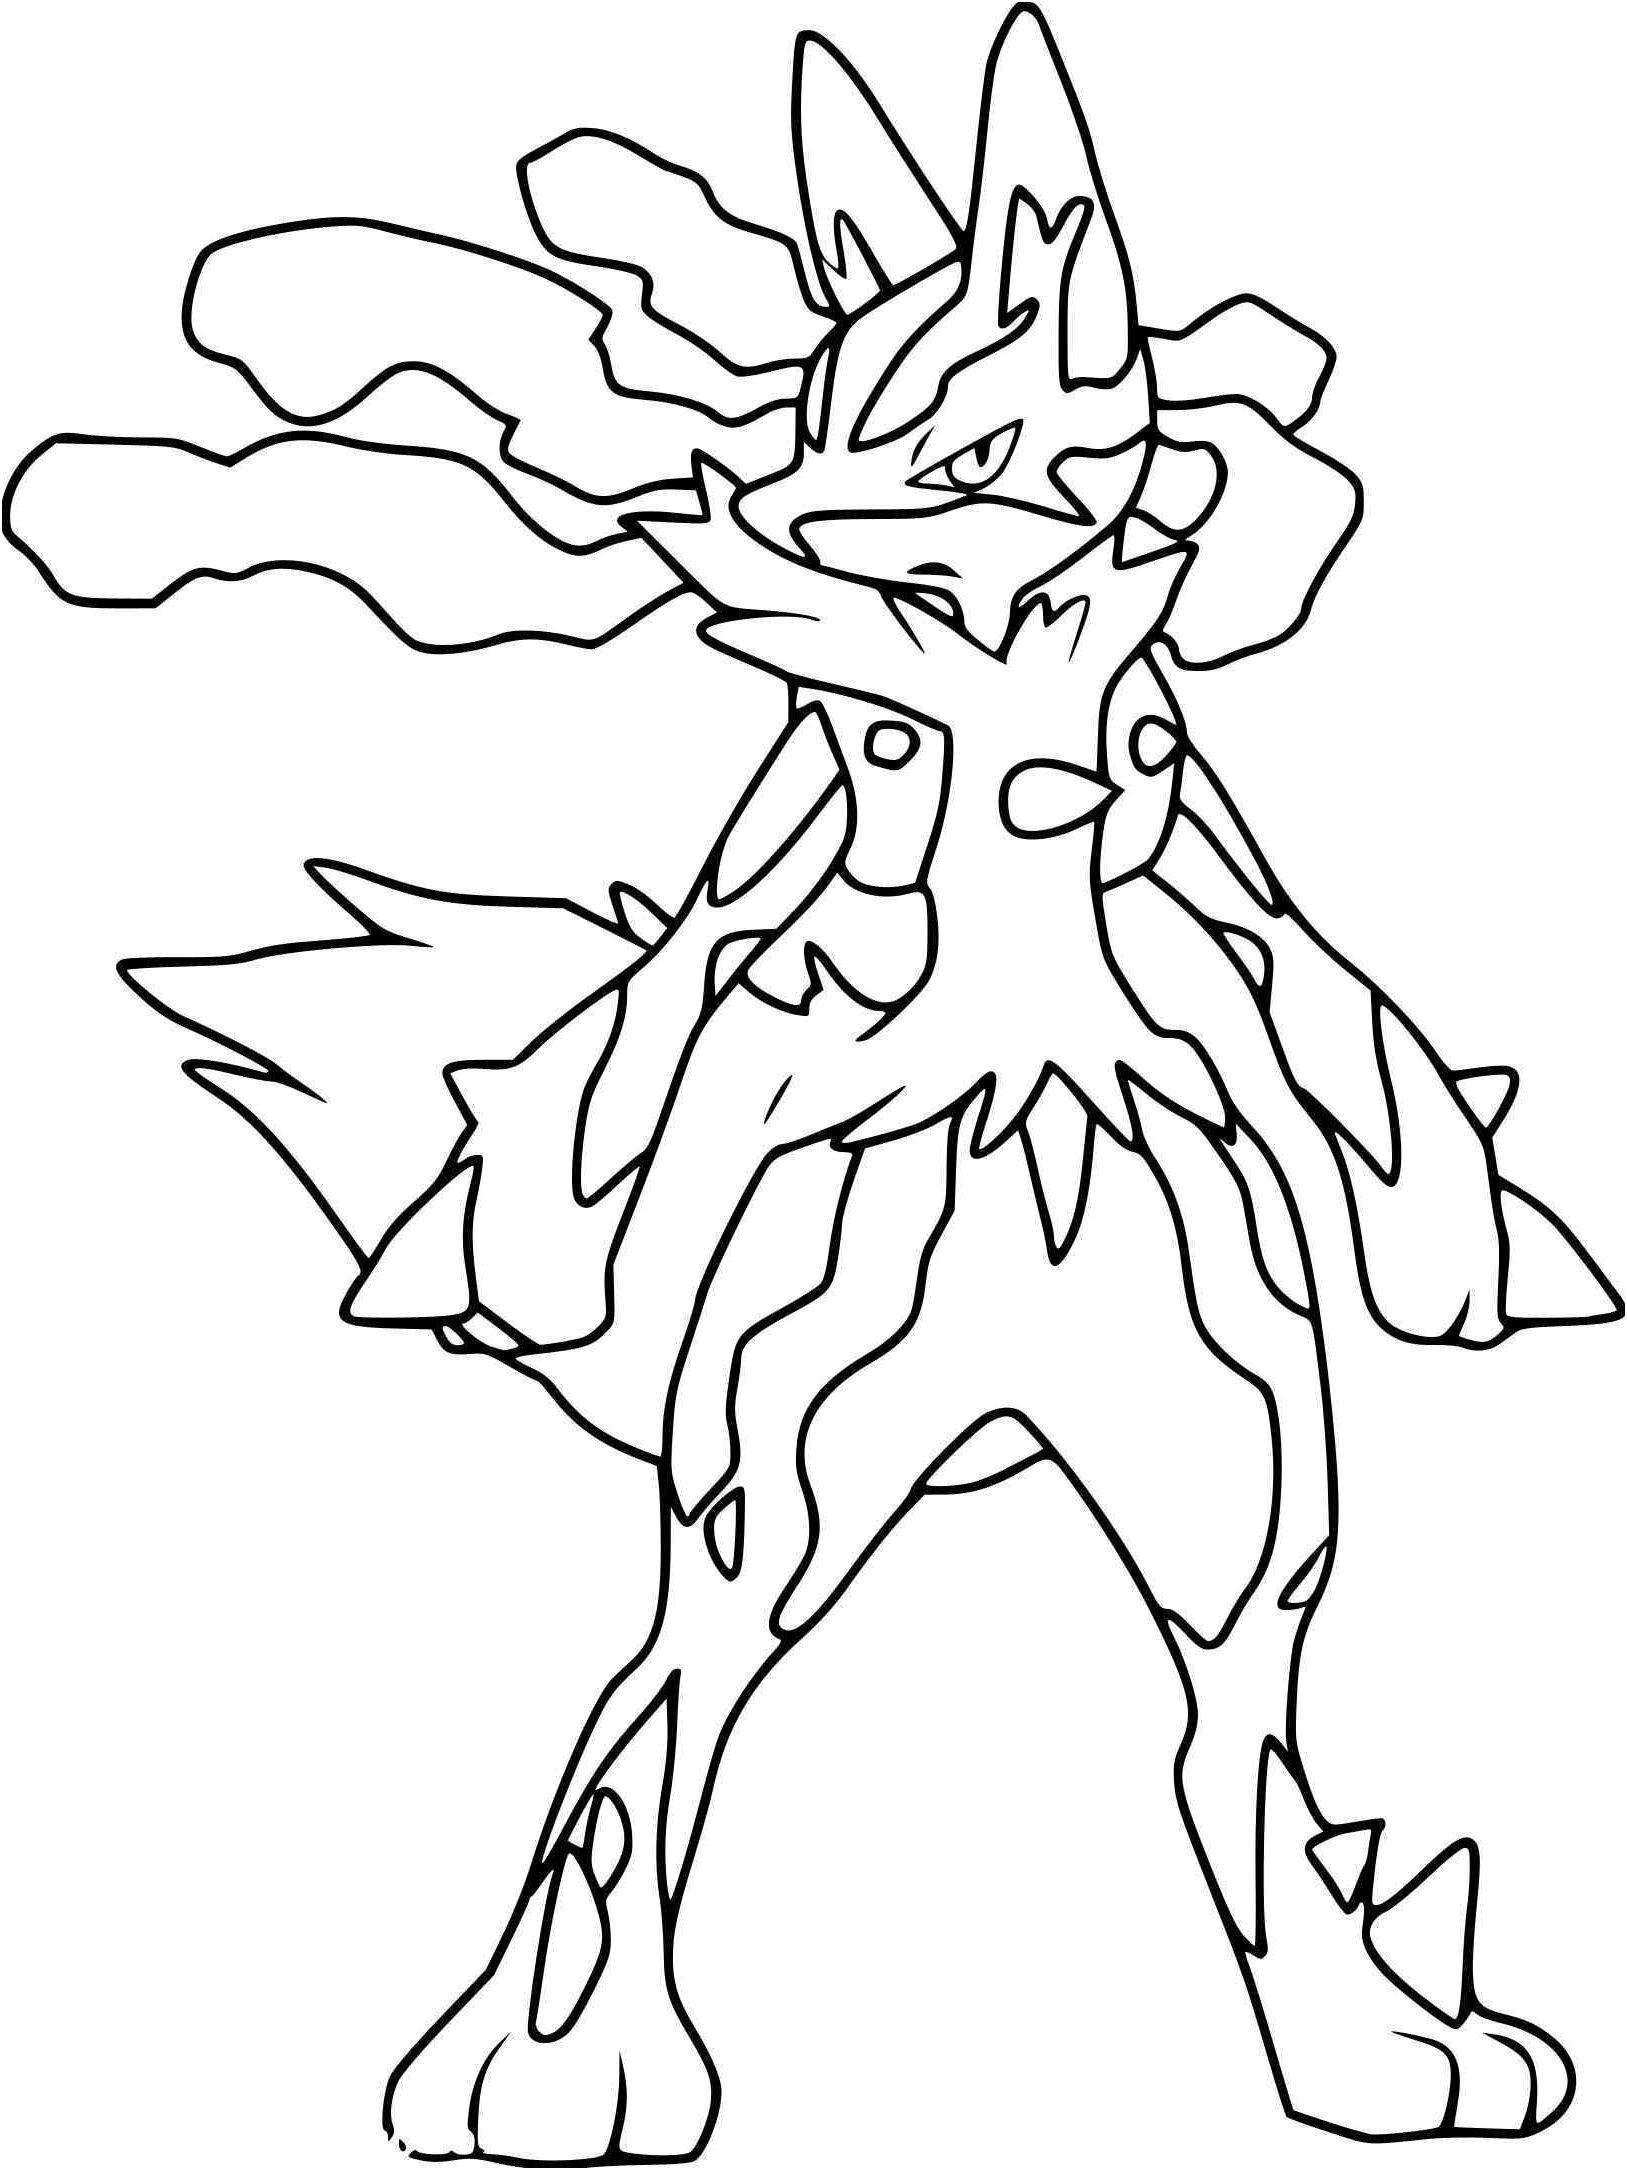 8 Aimable Coloriage Pokemon Mega Evolution Stock avec Coloriage De Pokemon A Imprimer Gratuitement